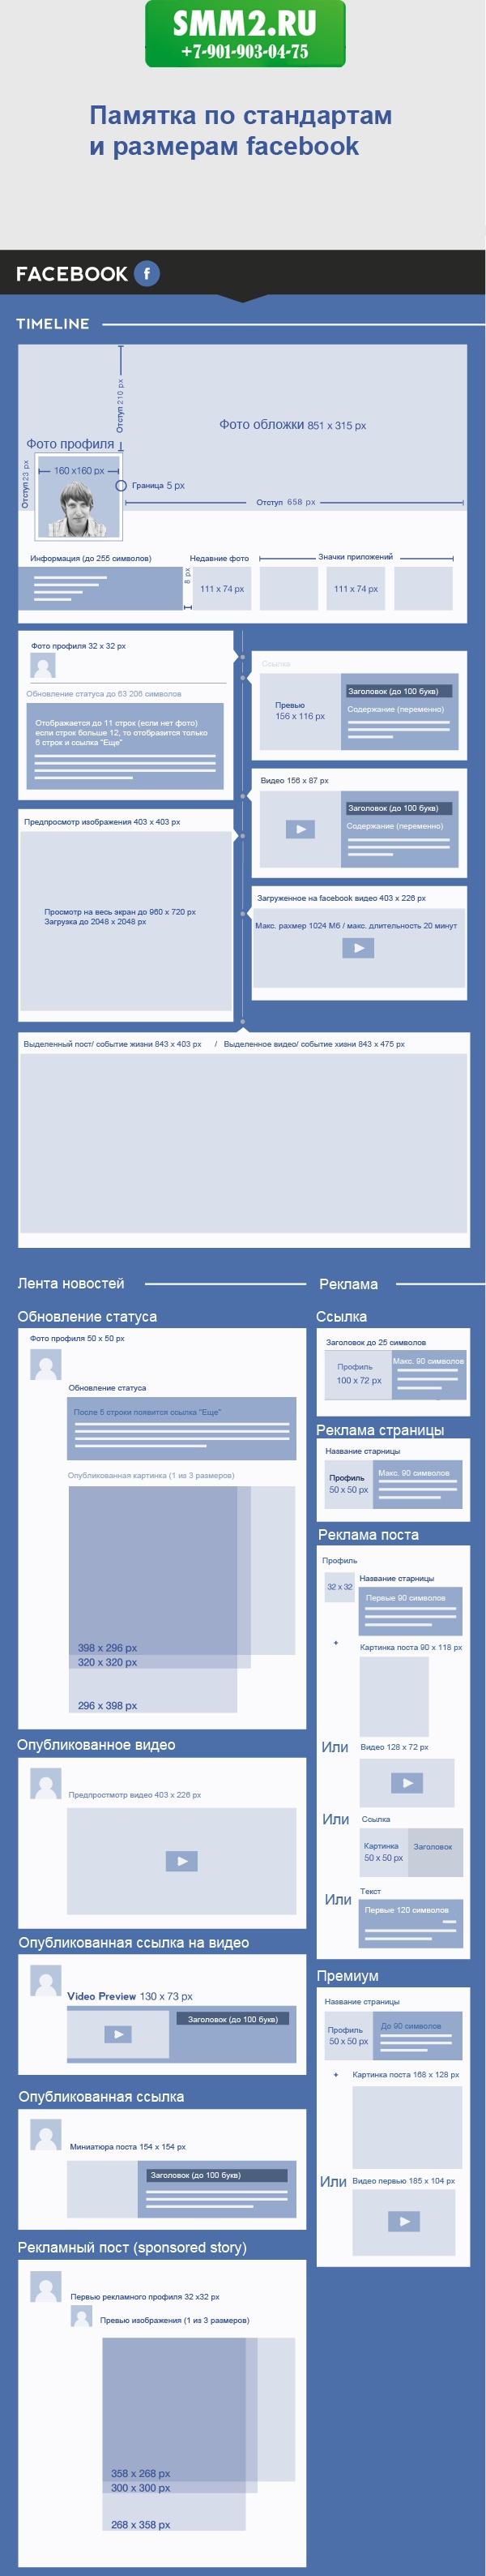 Размер фотографии для поста фейсбук